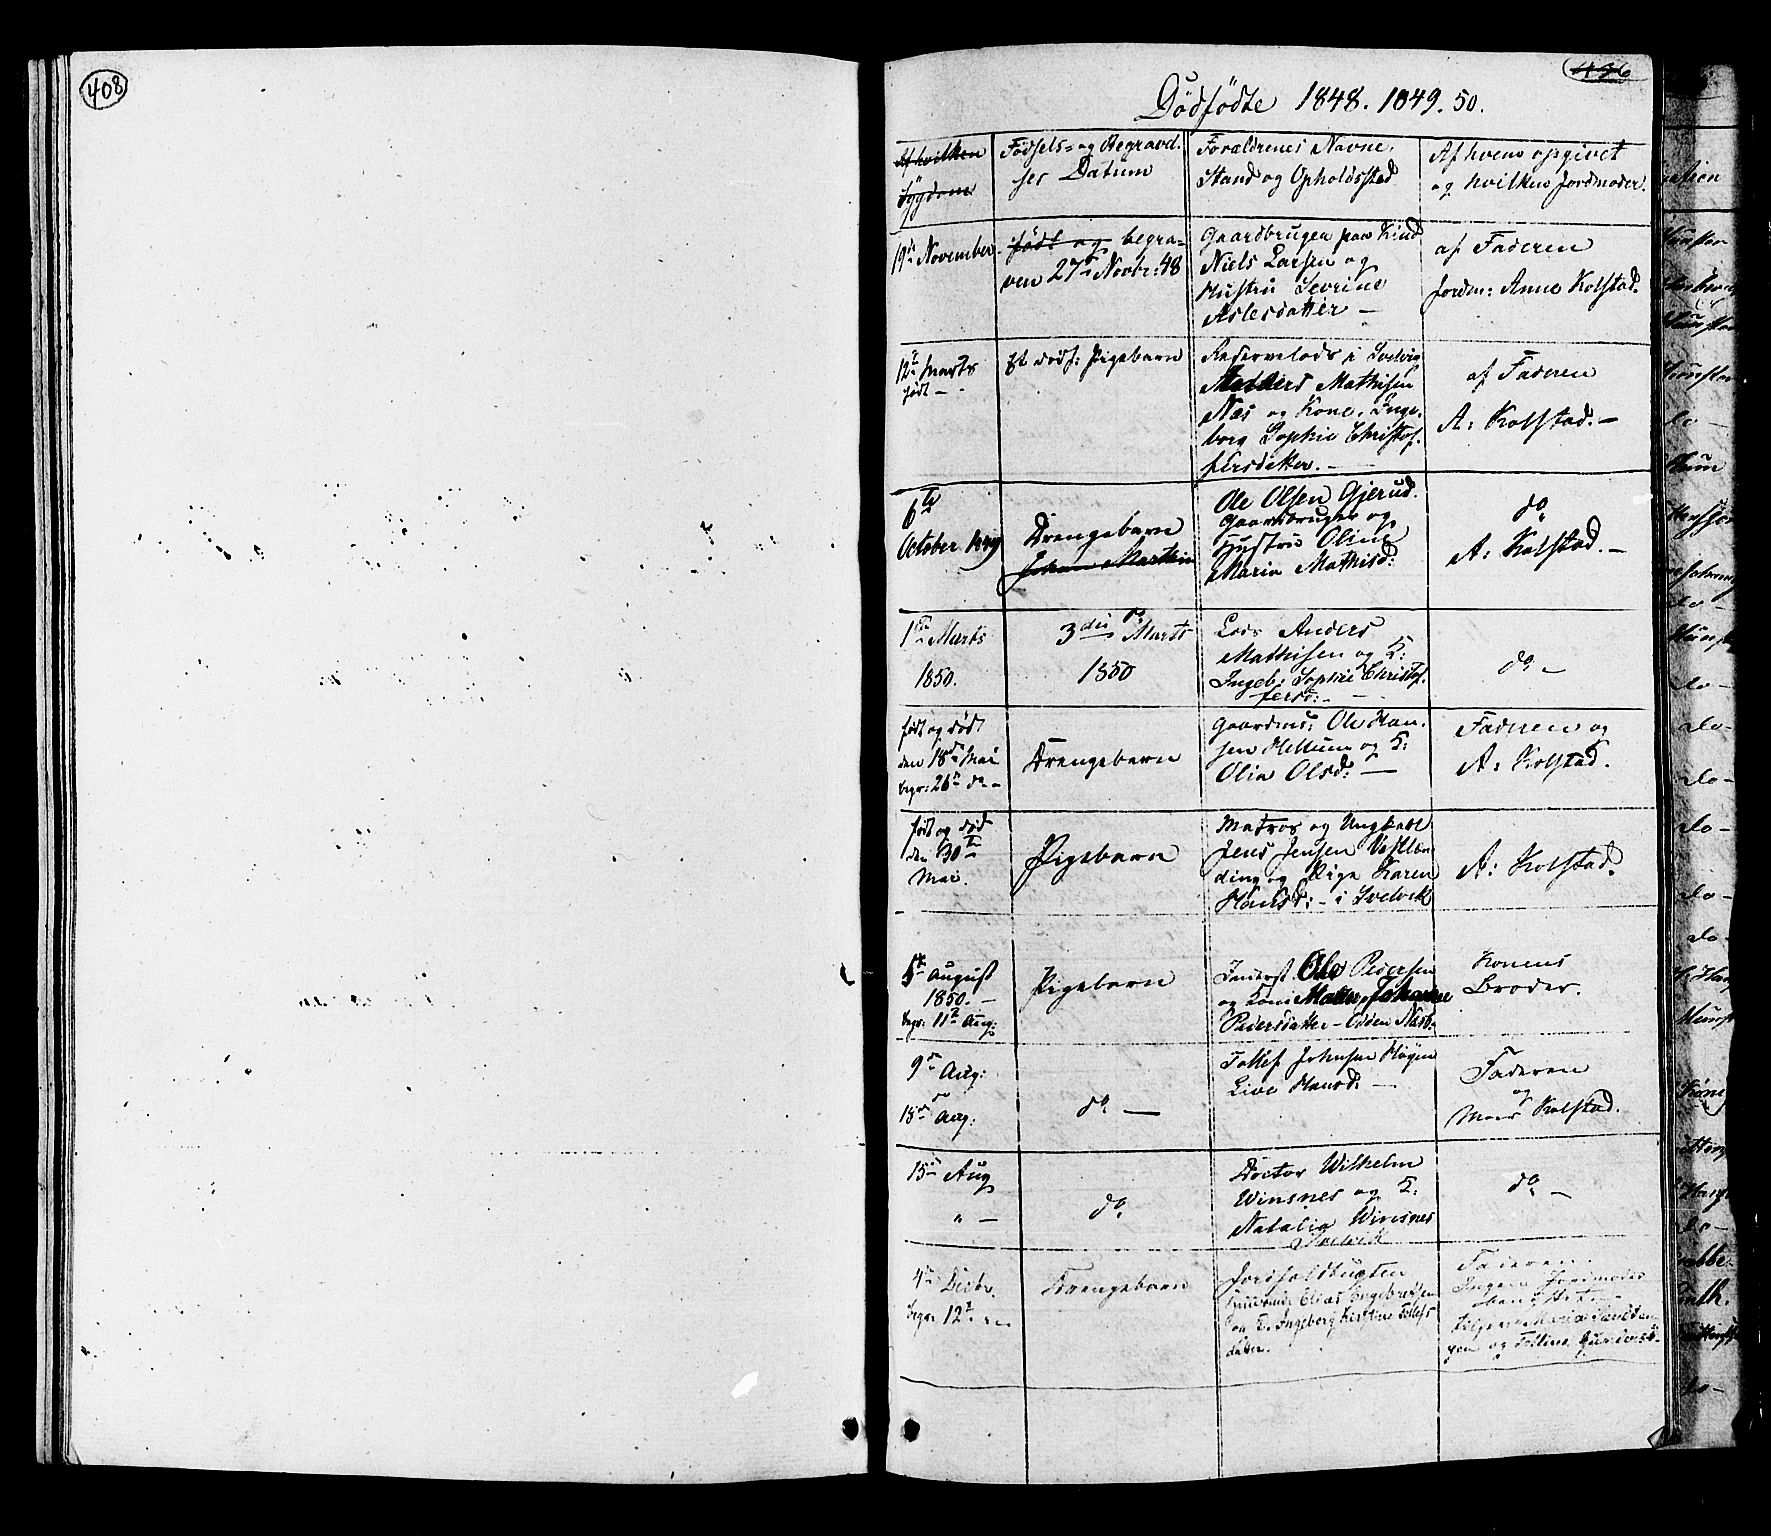 SAKO, Hurum kirkebøker, G/Ga/L0002: Klokkerbok nr. I 2, 1827-1857, s. 408